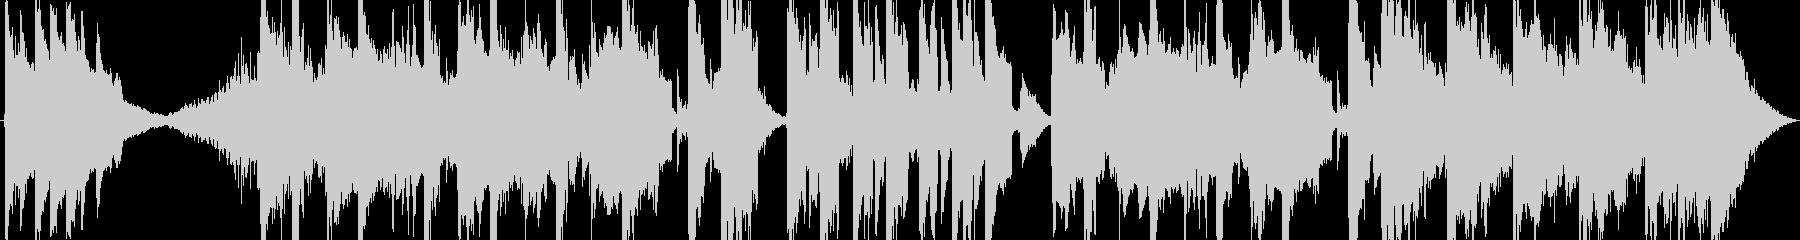 エスニック+不思議なマーチのんの未再生の波形